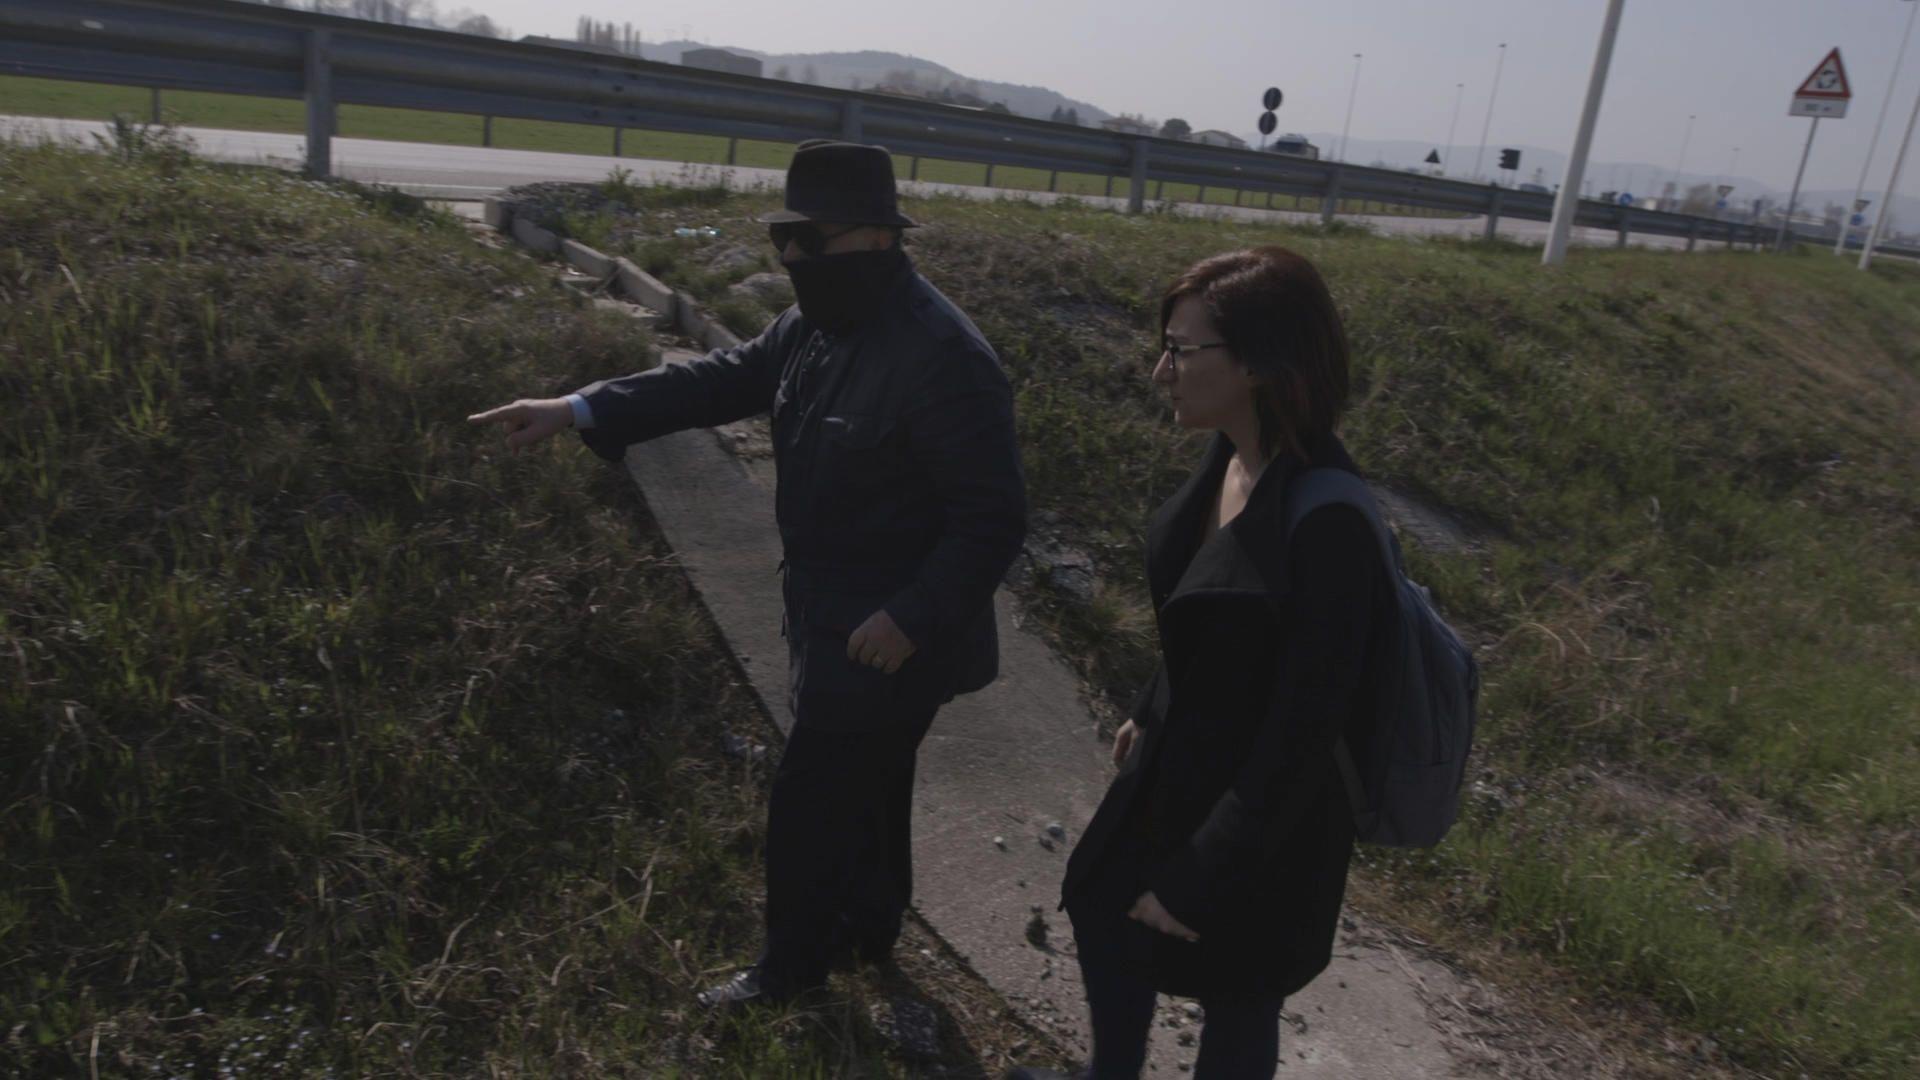 Ο Νούντσιο Περέλλα, είναι πρώην μέλος της Ιταλικής Μαφίας. Ο ίδιος διαχειριζόταν τη διακίνηση επικίνδυνων φορτίων αποβλήτων και μας ανέφερε on camera σε ποια σημεία βρίσκονται θαμμένα.